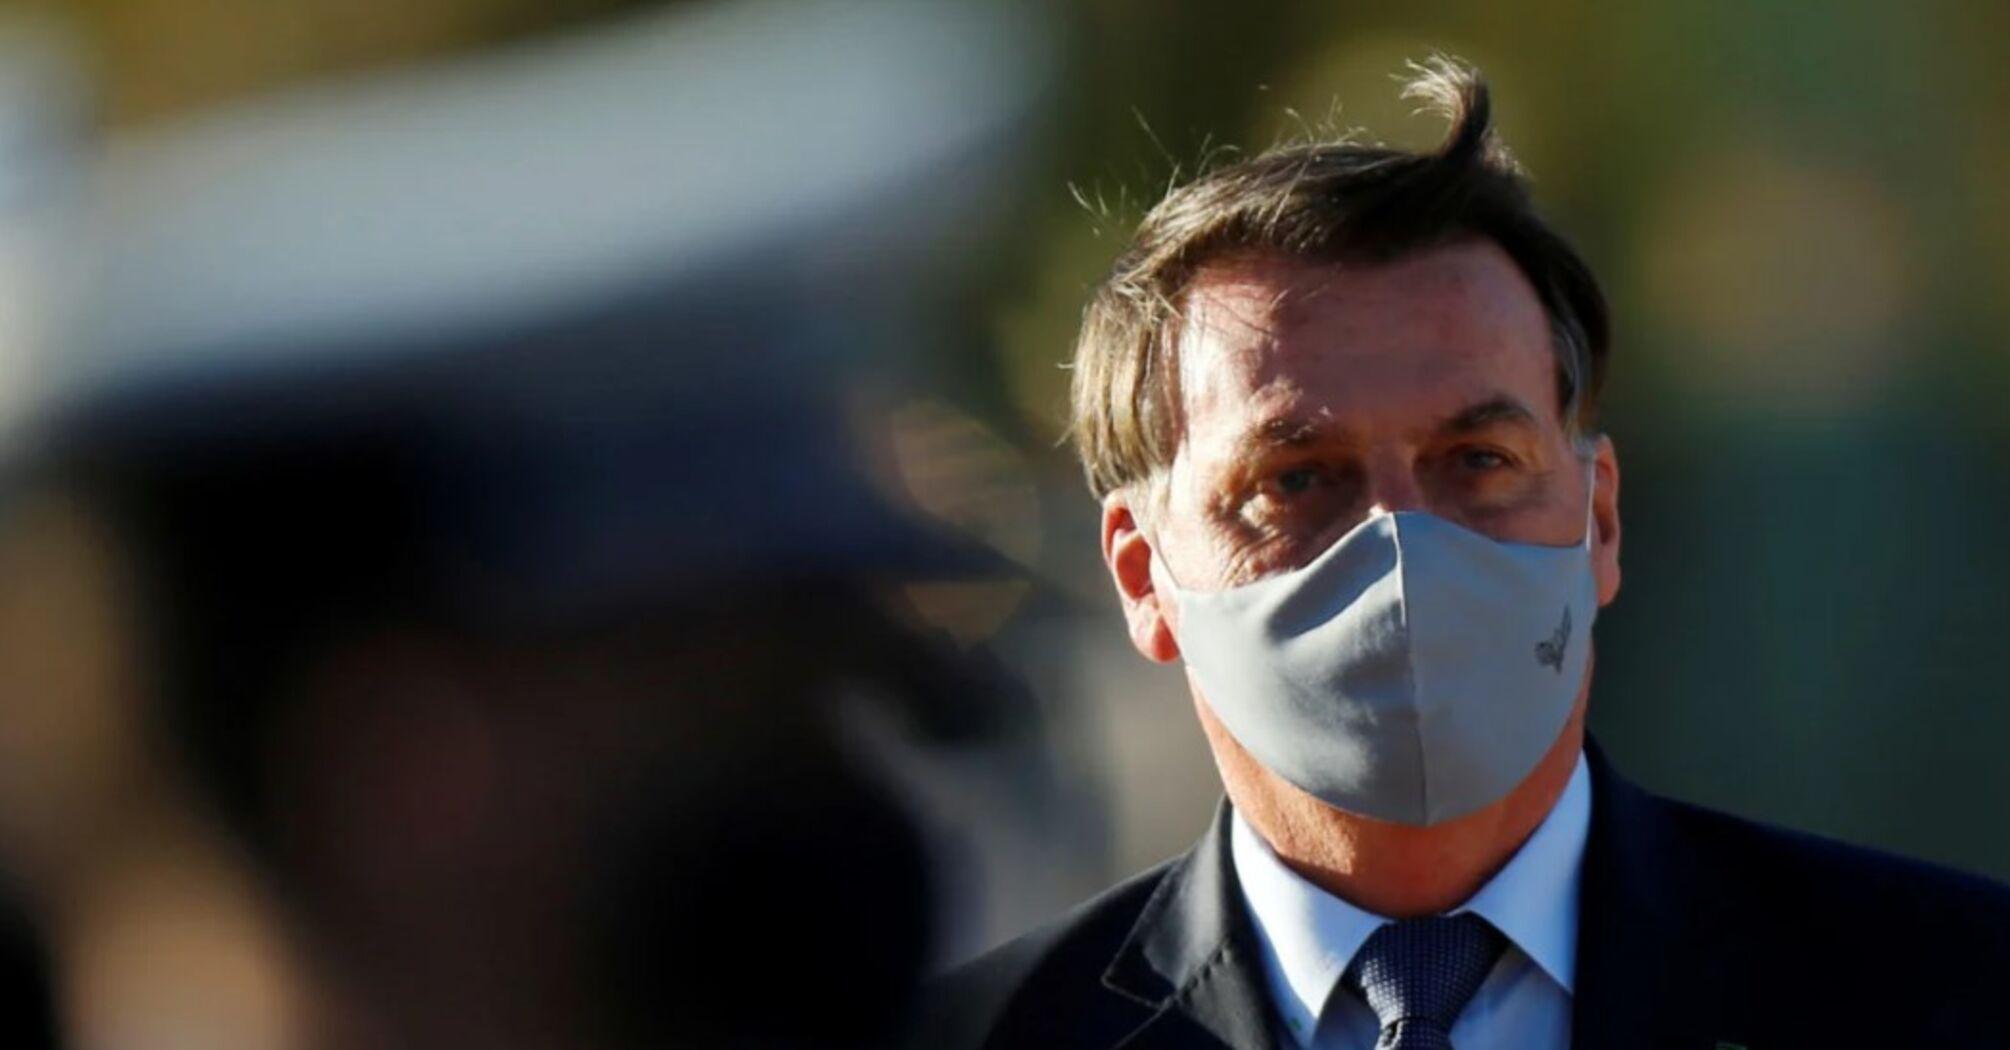 Журналісти звинувачують хворого президента Бразилії в умисному поширенні COVID-19